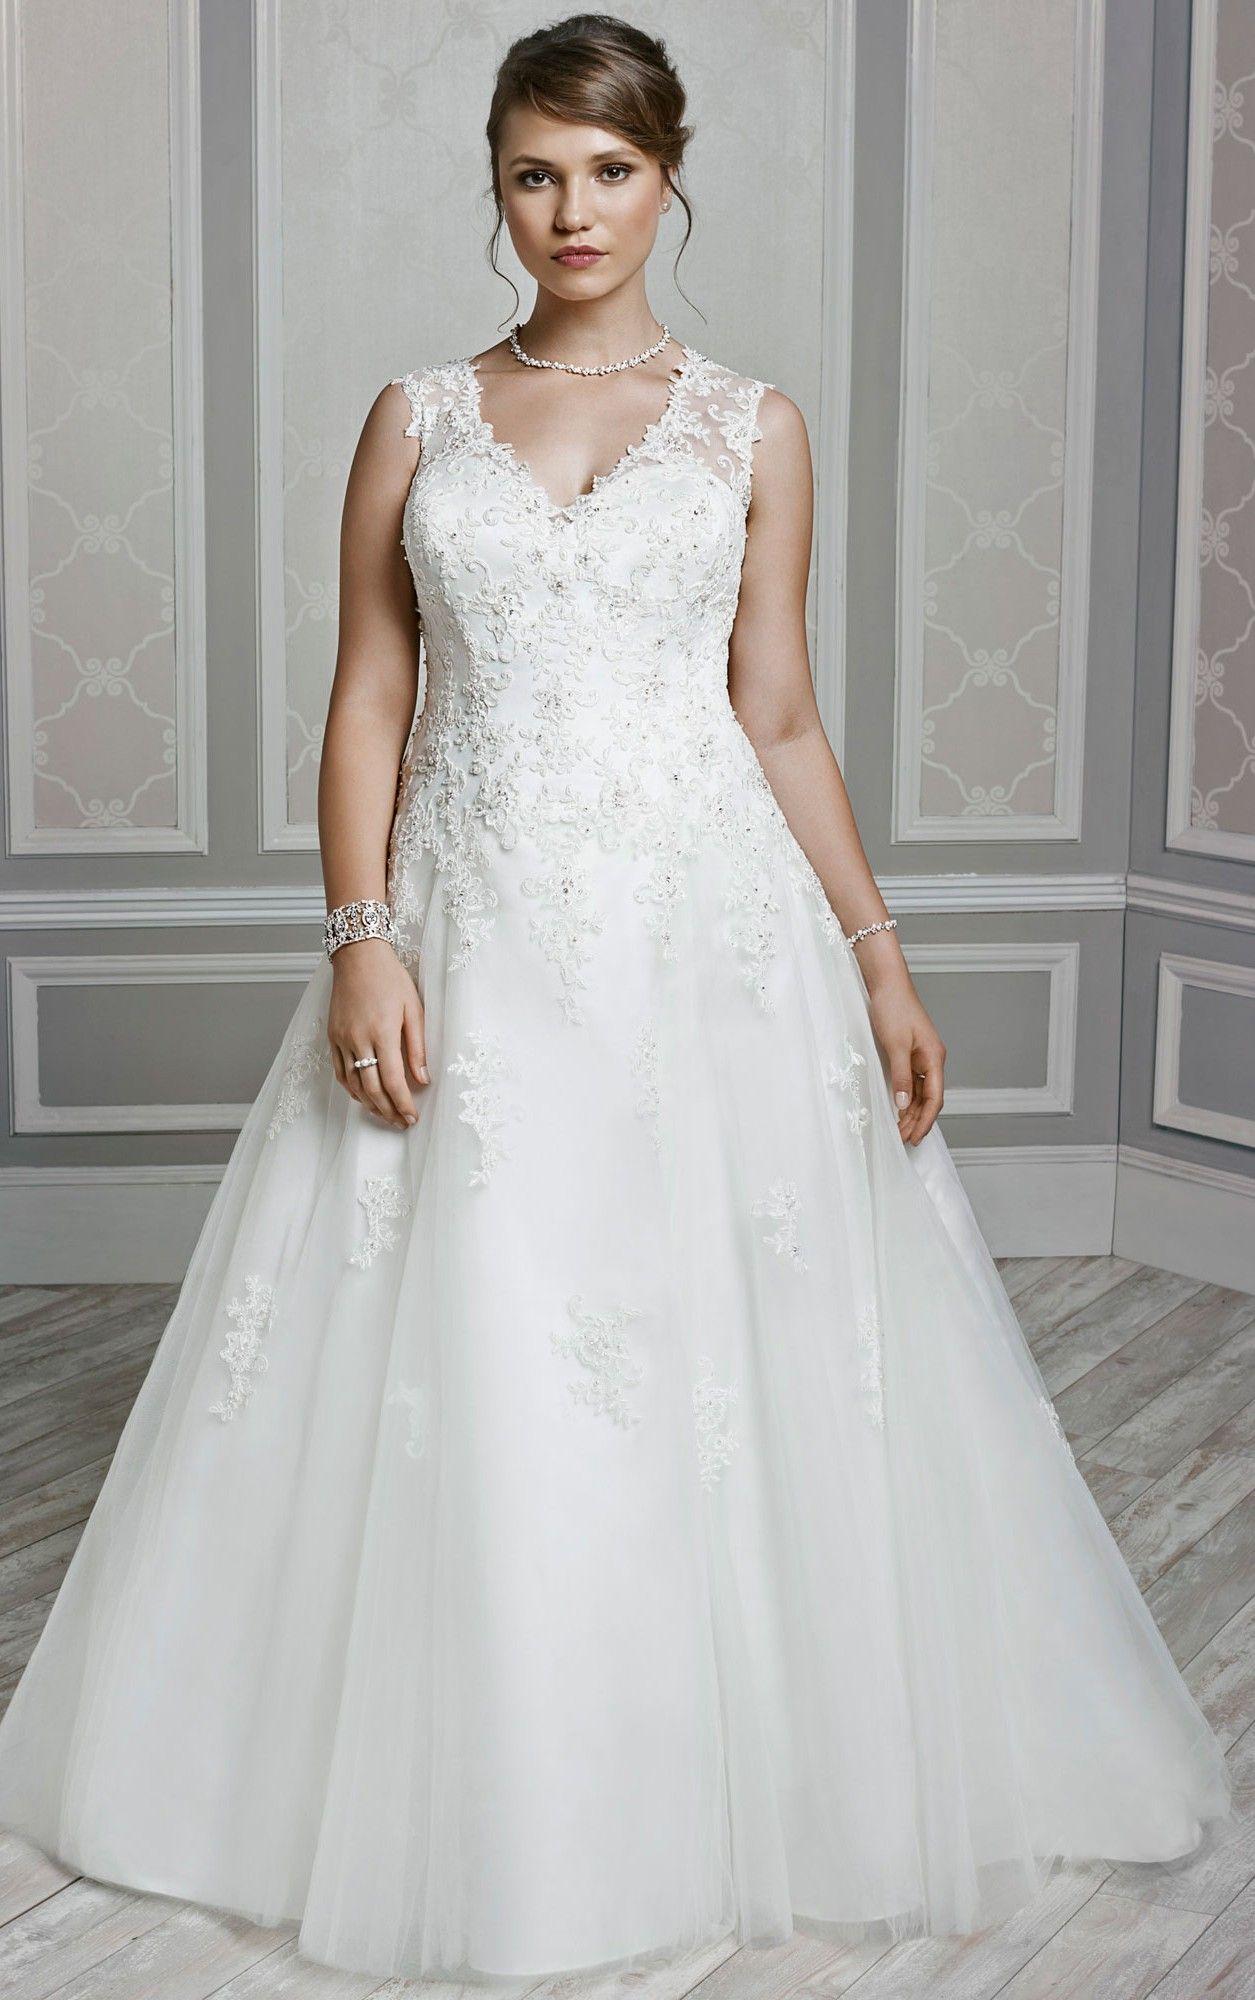 Designer Wedding Dresses Outlet Uk